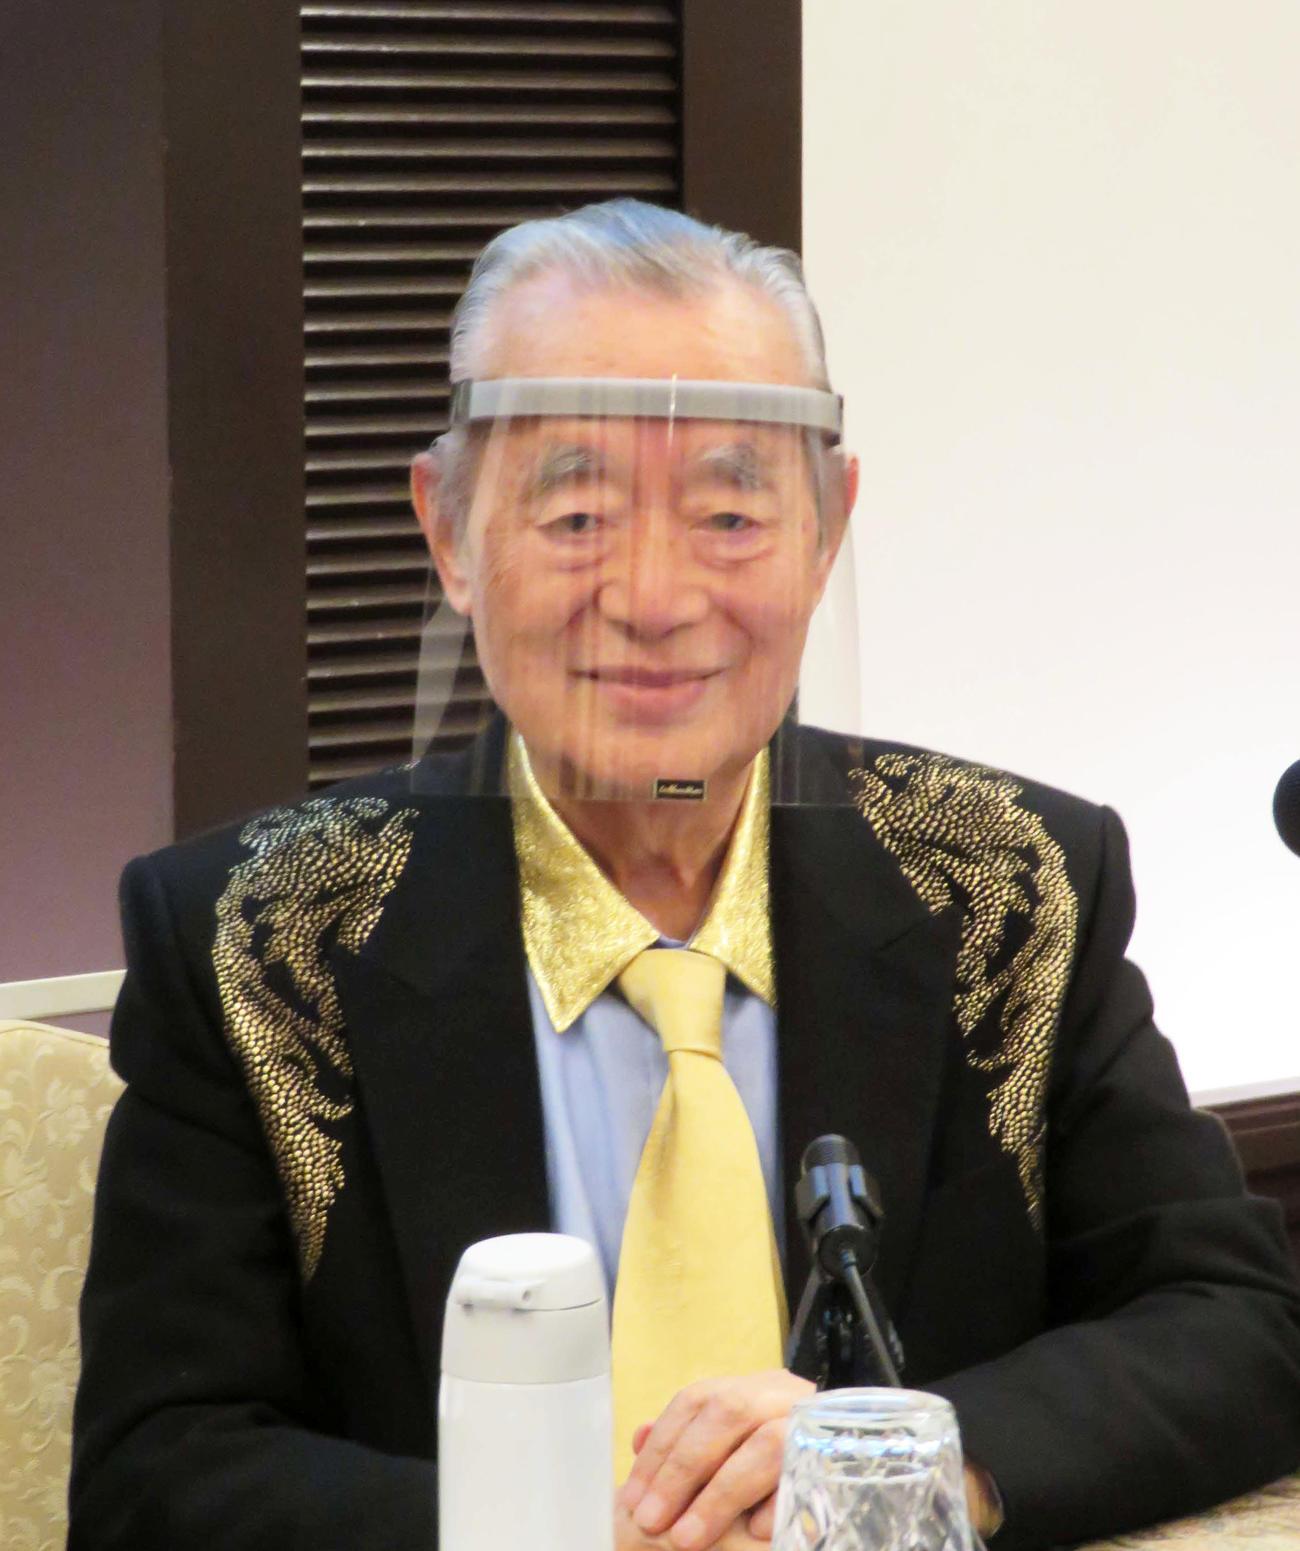 新型コロナウイルス対策の新型マスク「ドクター中松スーパーメン SUPER M.E.N」を発表したドクター・中松氏(撮影・村上幸将)